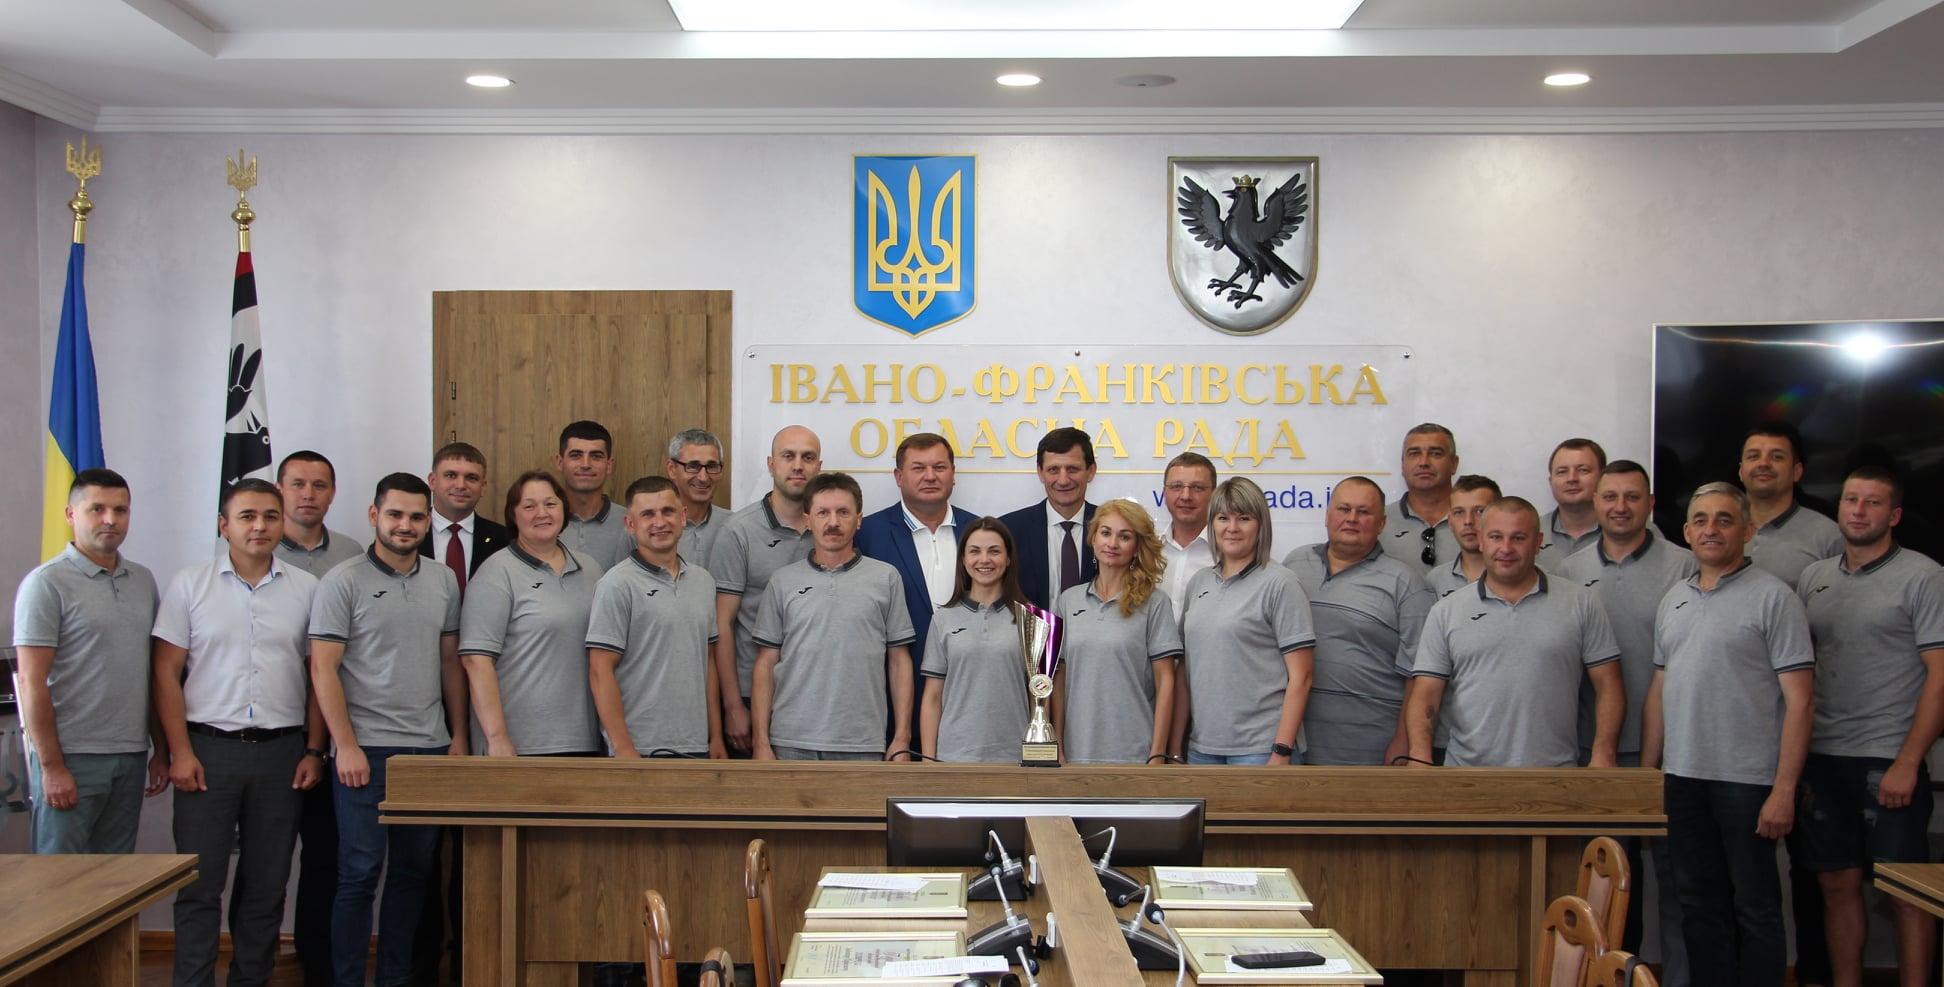 У Франківську відзначили депутатів-переможців IX Всеукраїнської спартакіади (ФОТО)